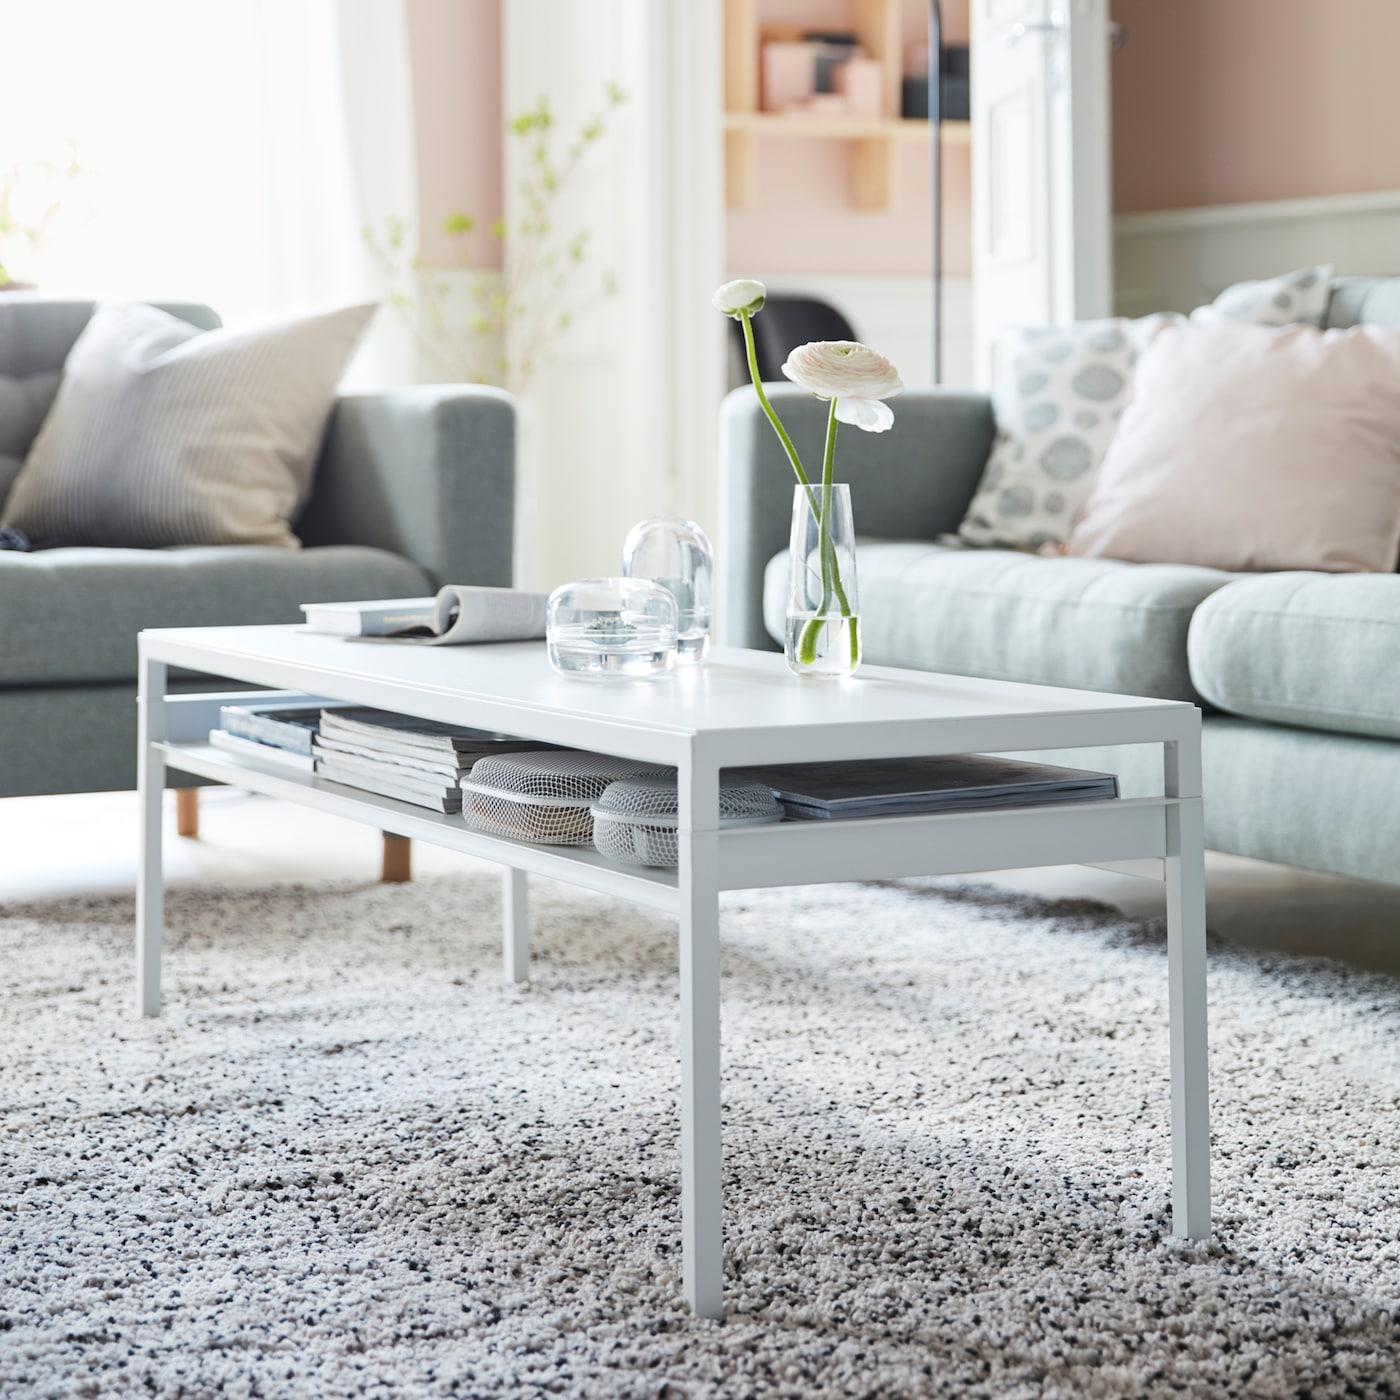 De Séjour Une Oasis Calme Au Ikea dCtsrxhQ